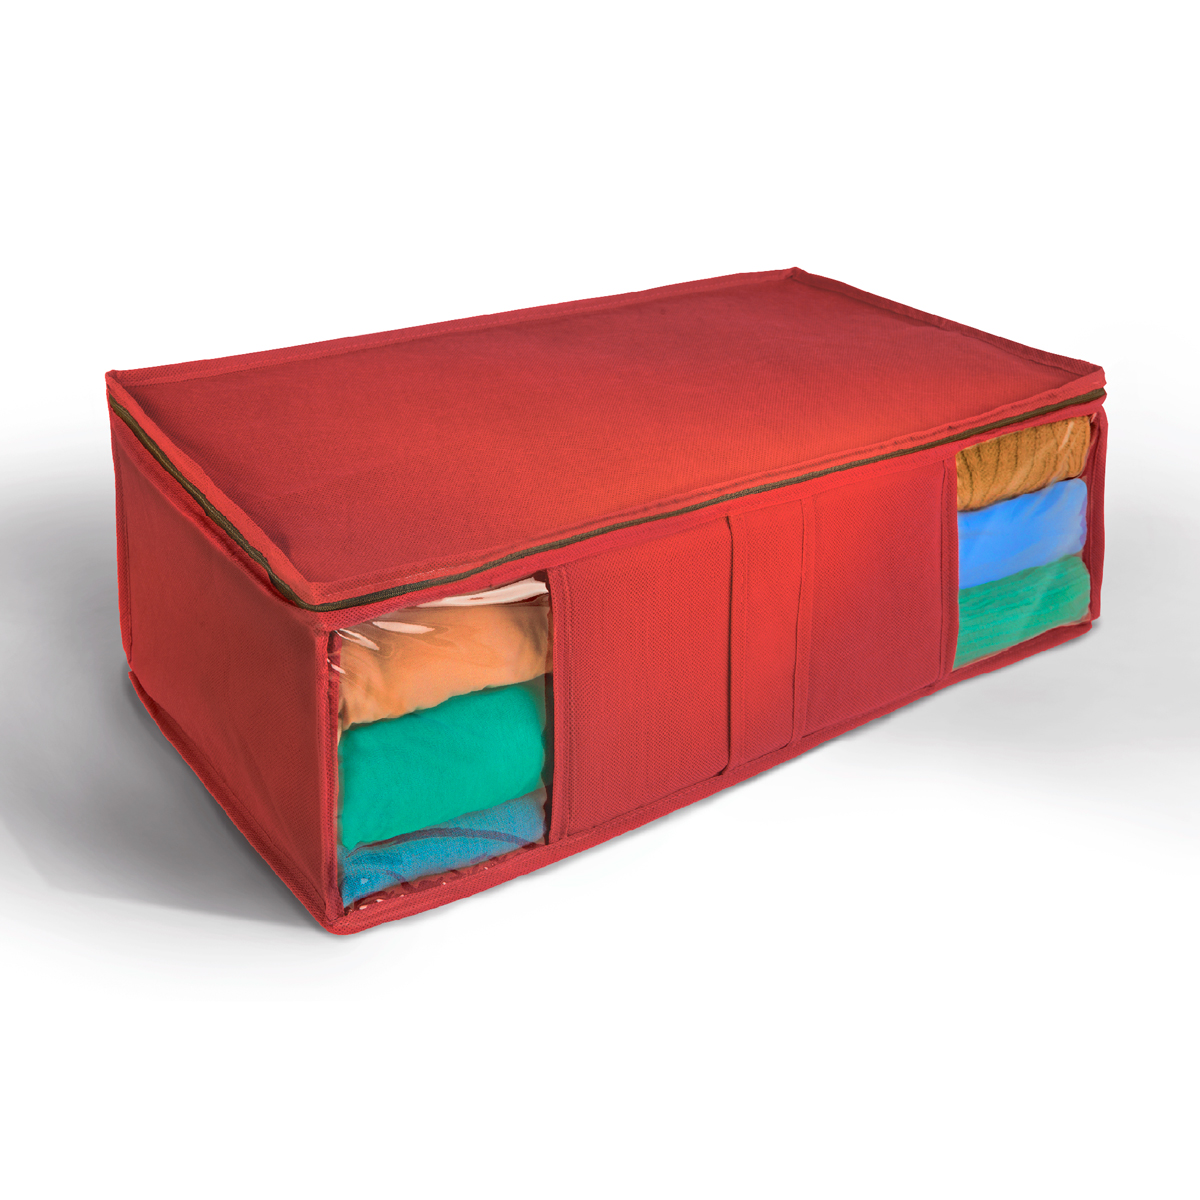 Кофр для хранения Miolla, складной, цвет: красный, 60 х 30 х 20 см коробка для хранения miolla 40 х 30 х 20 см cfb 03